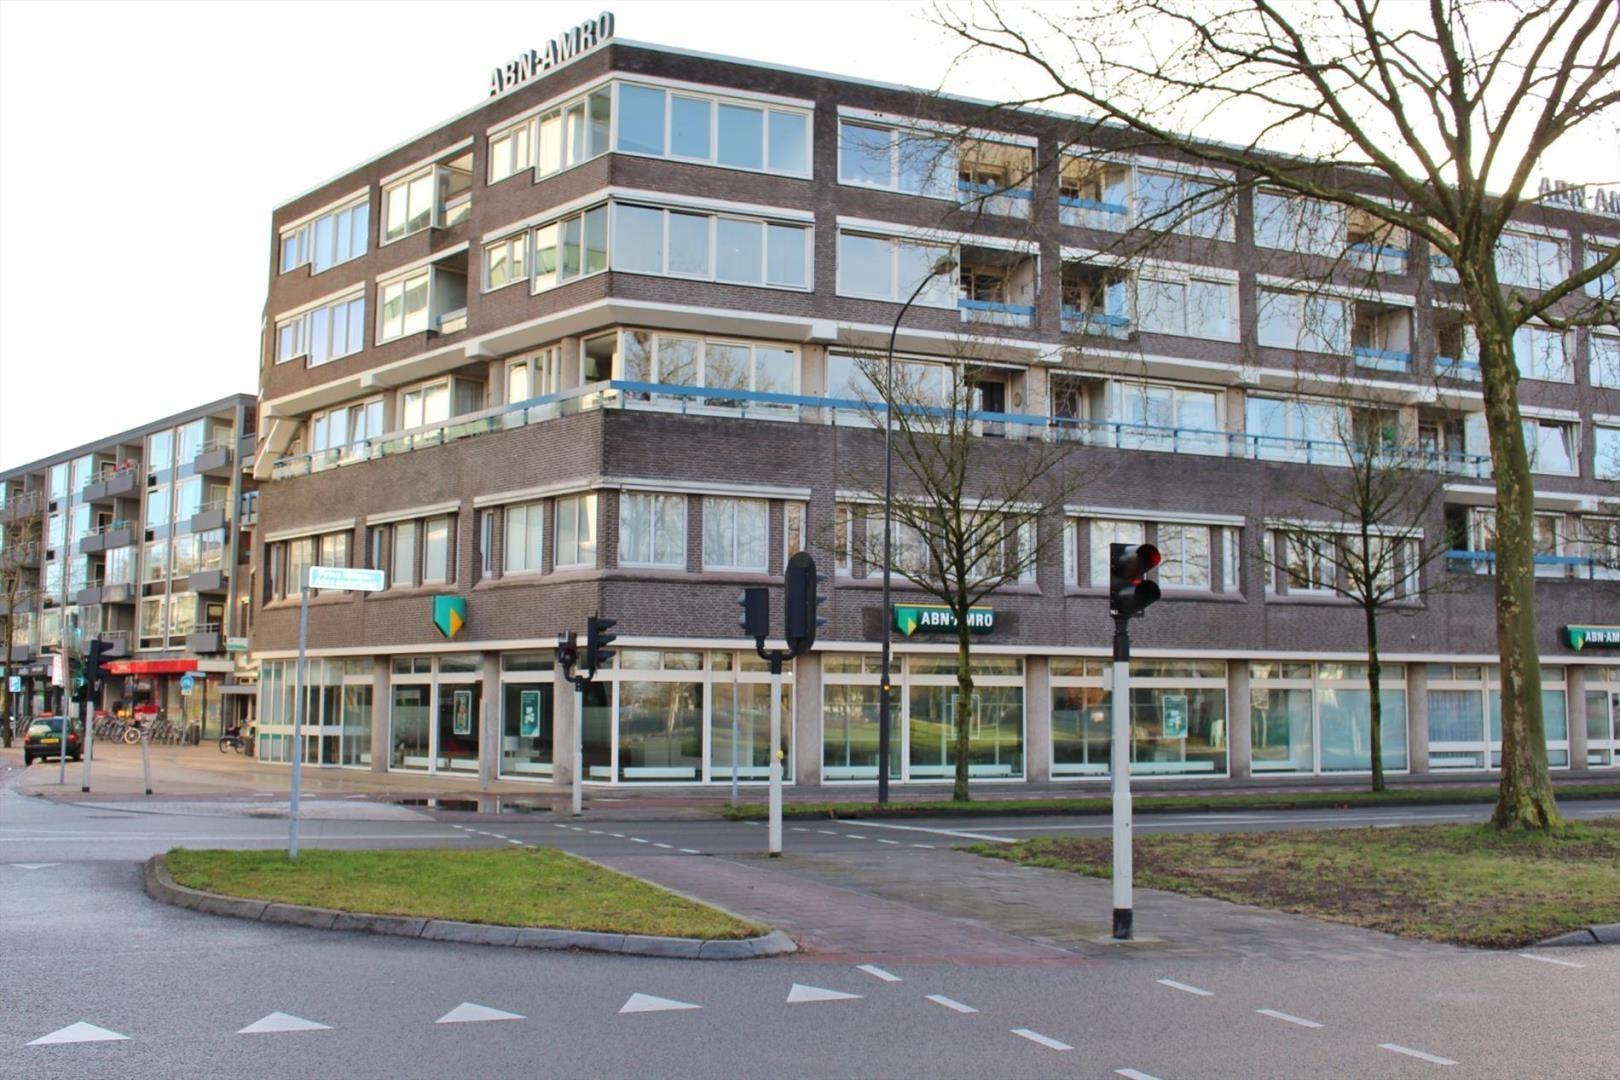 Appartement te koop hofstraat 139 7311 kt apeldoorn funda for Bedrijven te koop apeldoorn